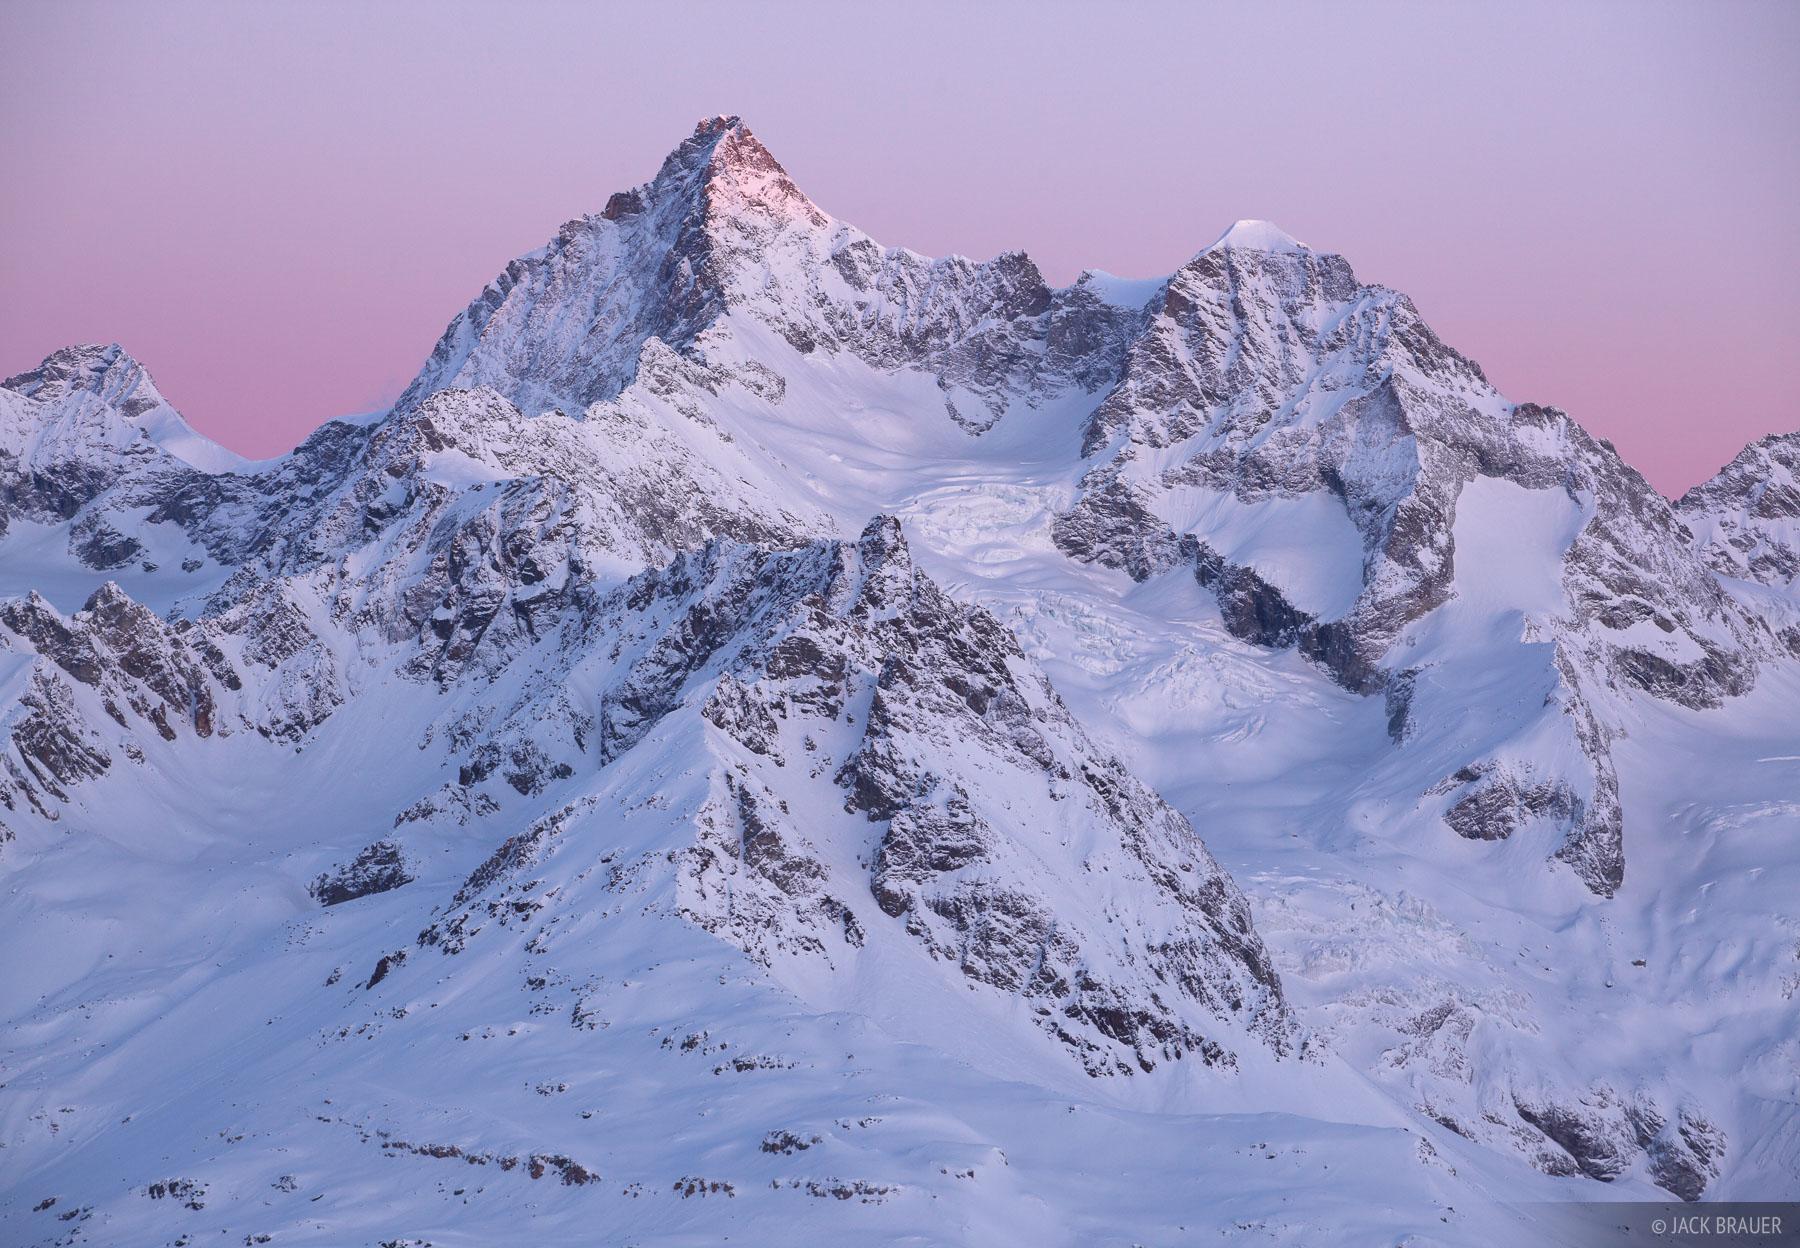 Gabelhorn, Zermatt, Switzerland, Ober Gabelhorn, Alps, photo